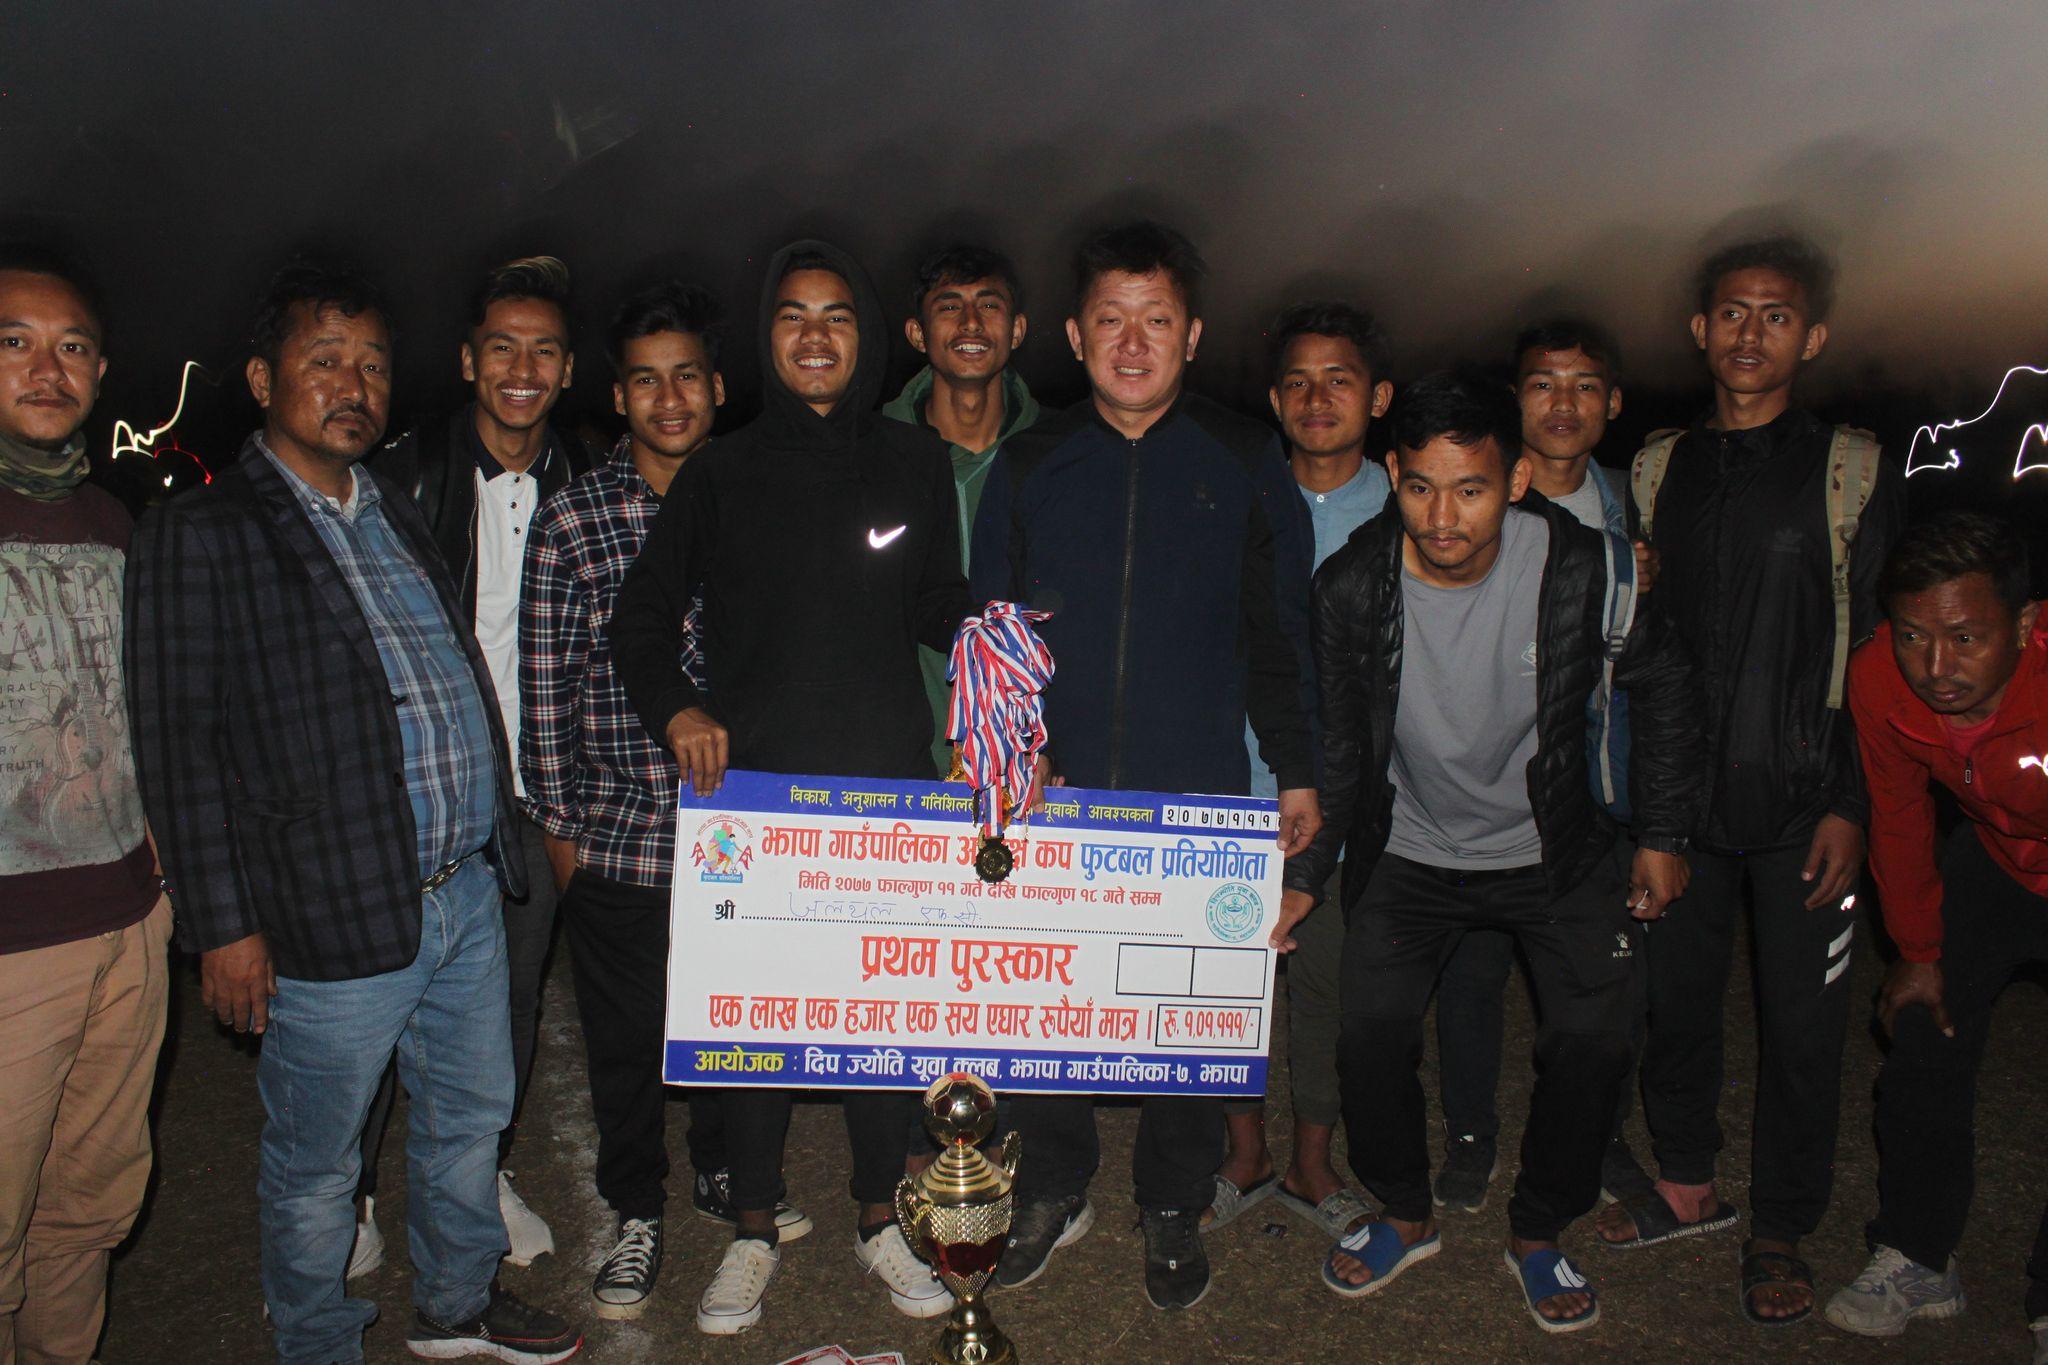 चन्द्रगढीलाई हराउँदै जलथलले उचाल्यो अध्यक्ष कप फुटबलको उपाधि :: Times of Pradesh